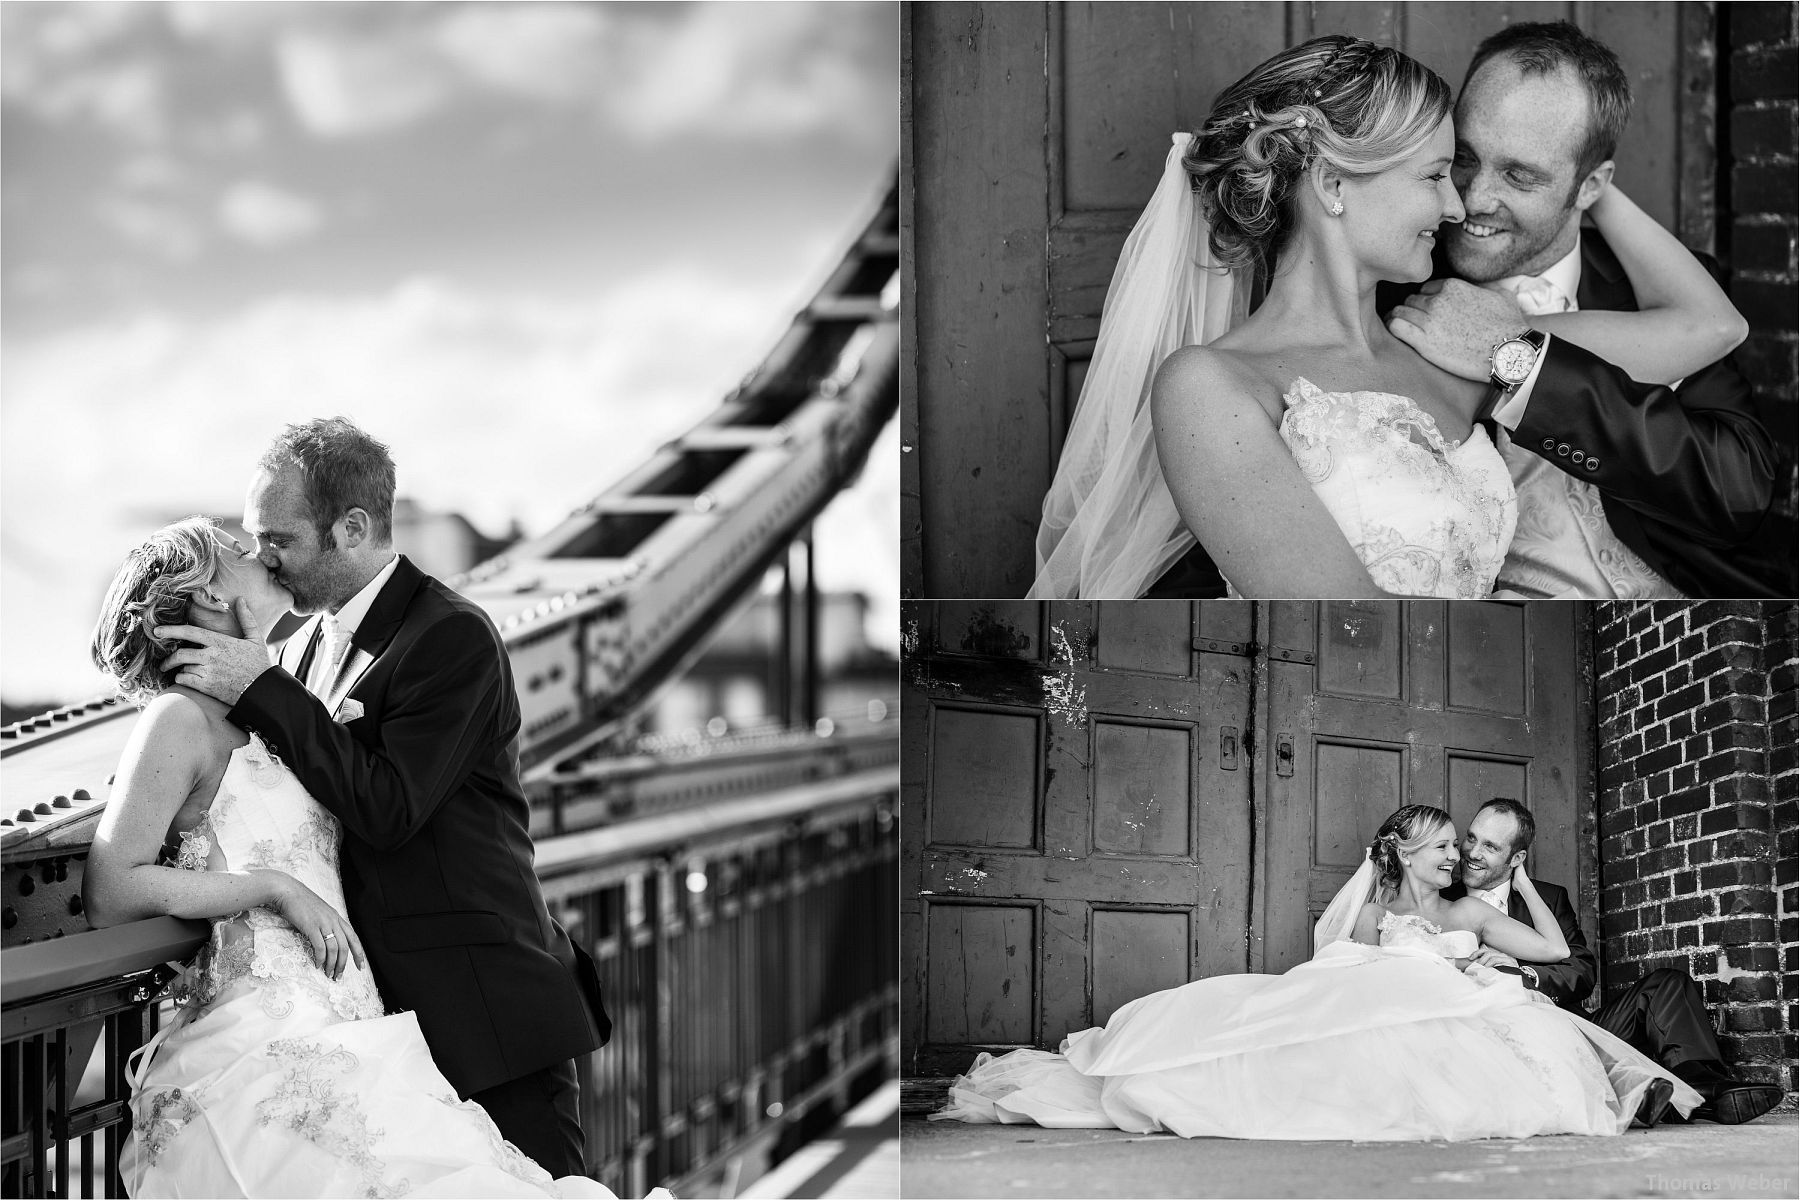 Hochzeitsfotograf Papenburg: Standesamtliche Trauung auf der Burg Kniphausen und Feier im Le Patron am Meer (58)